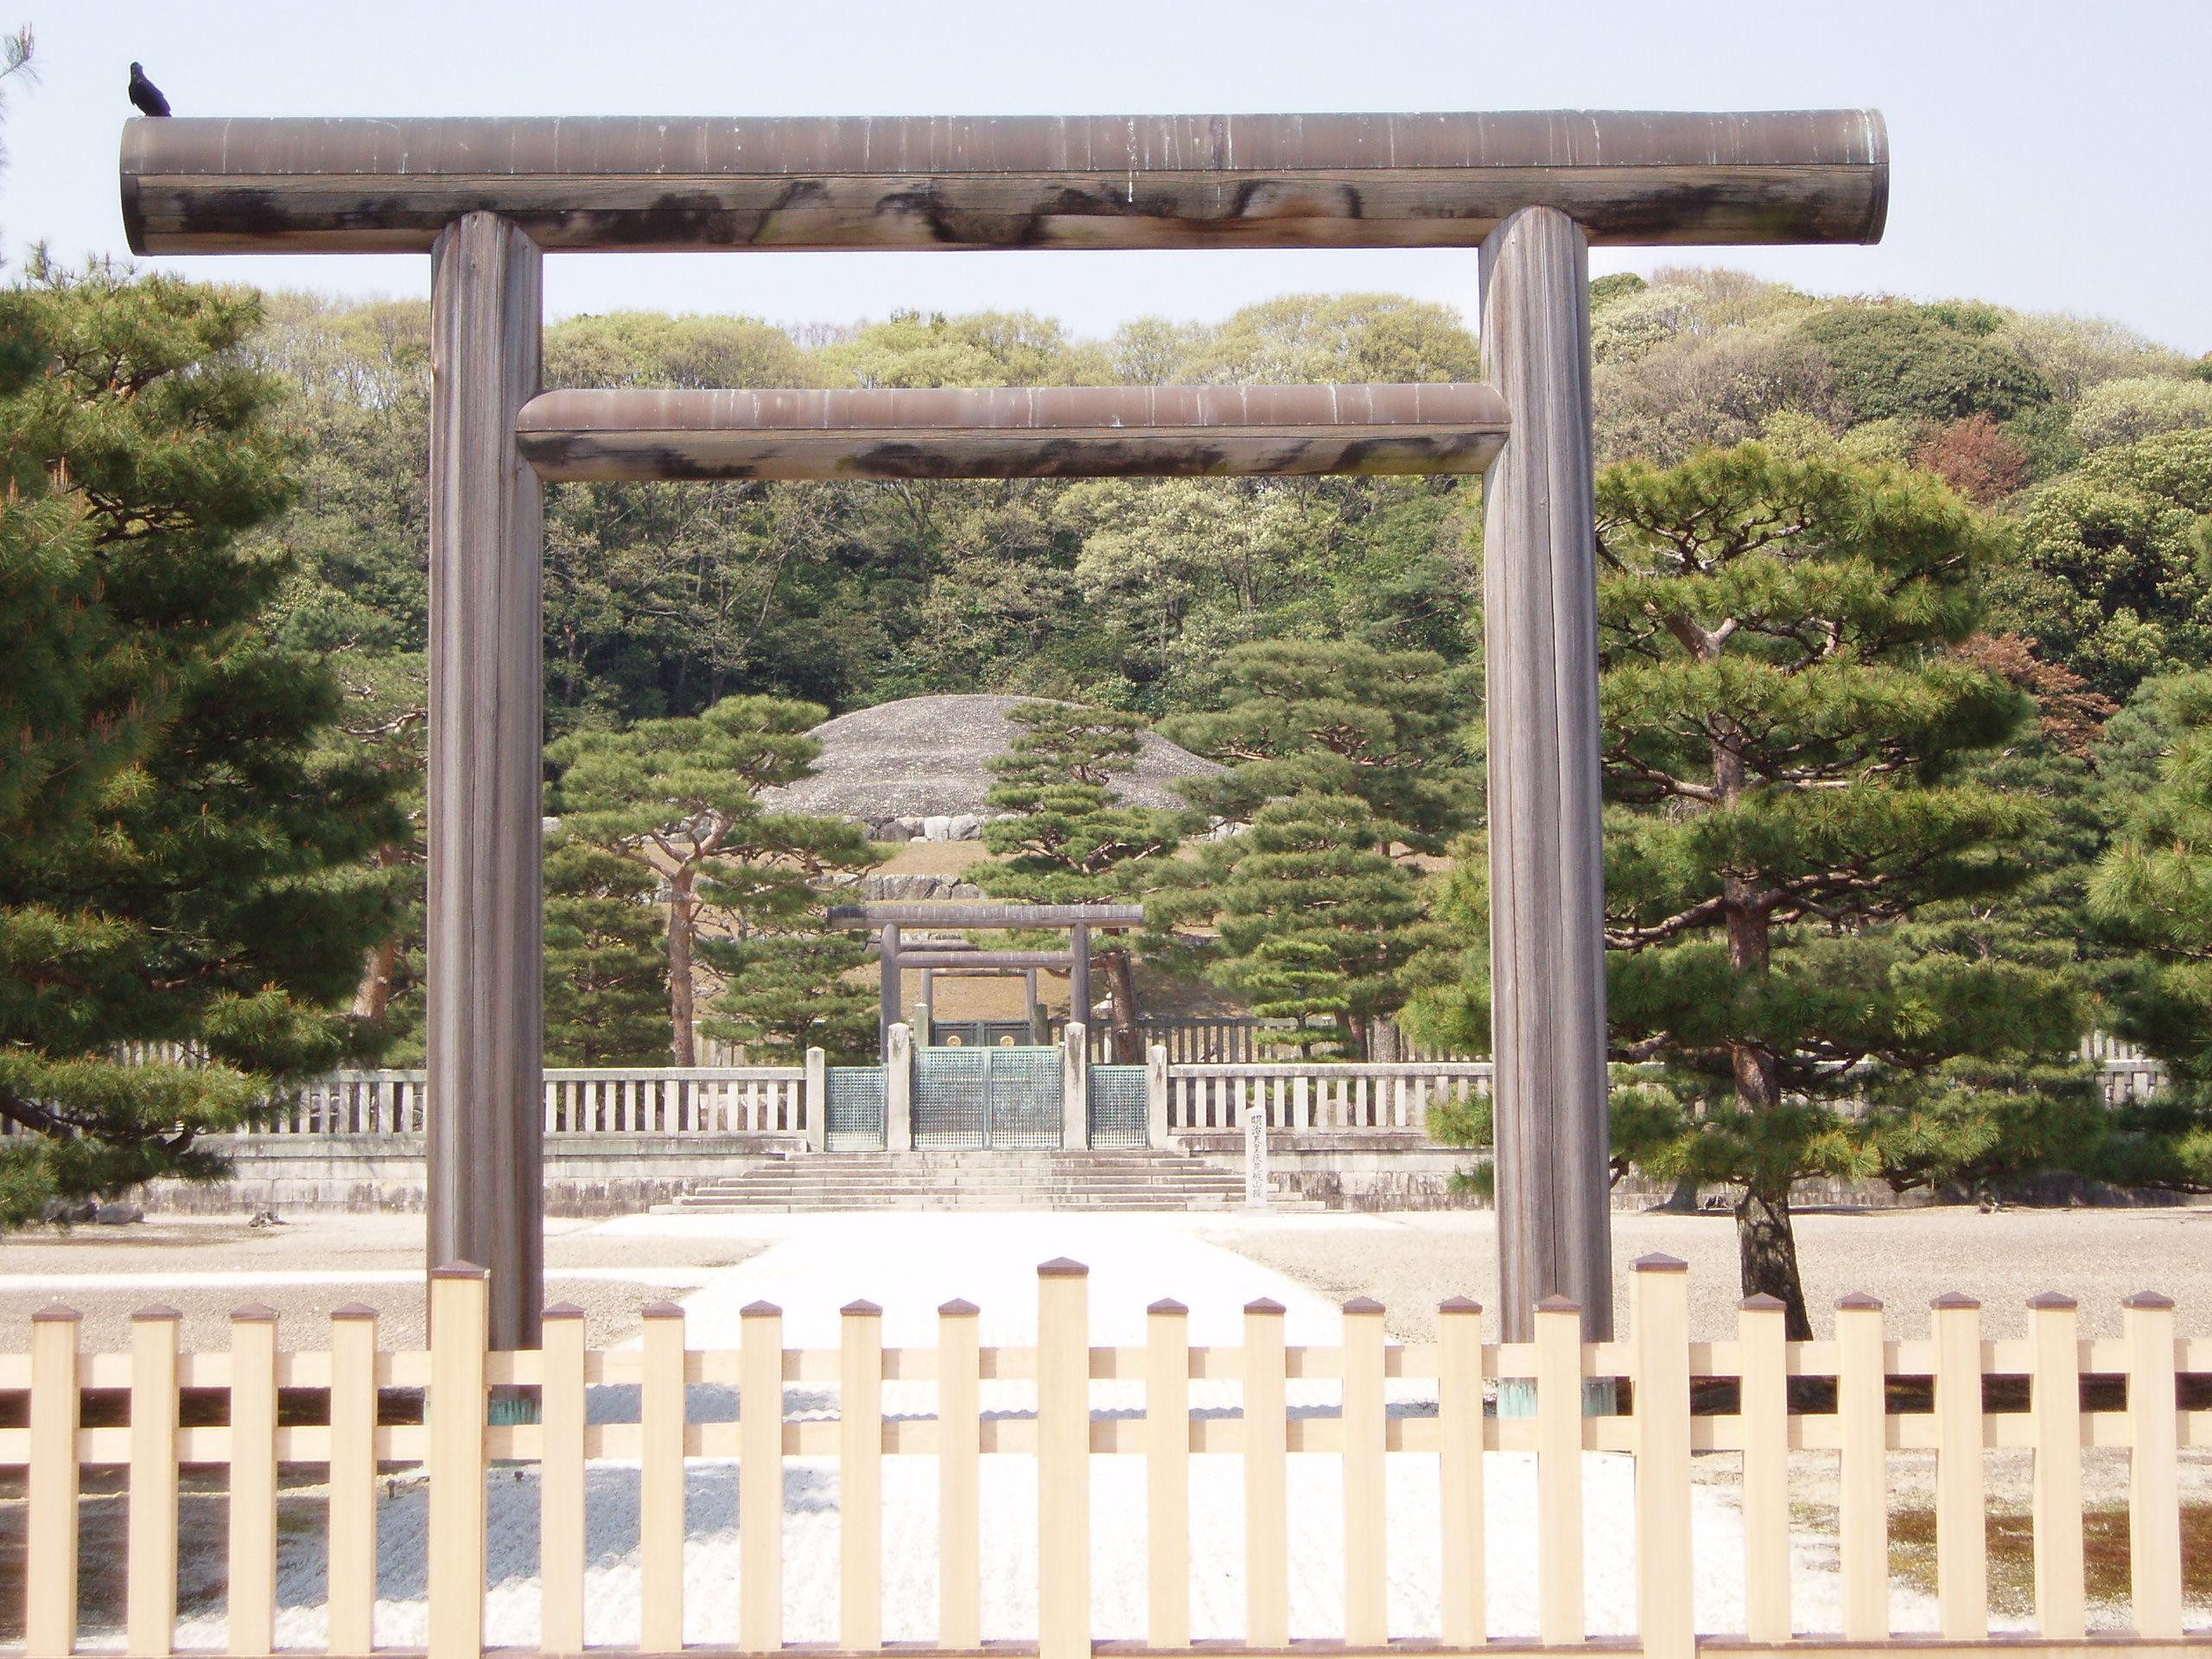 Meiji burial mound